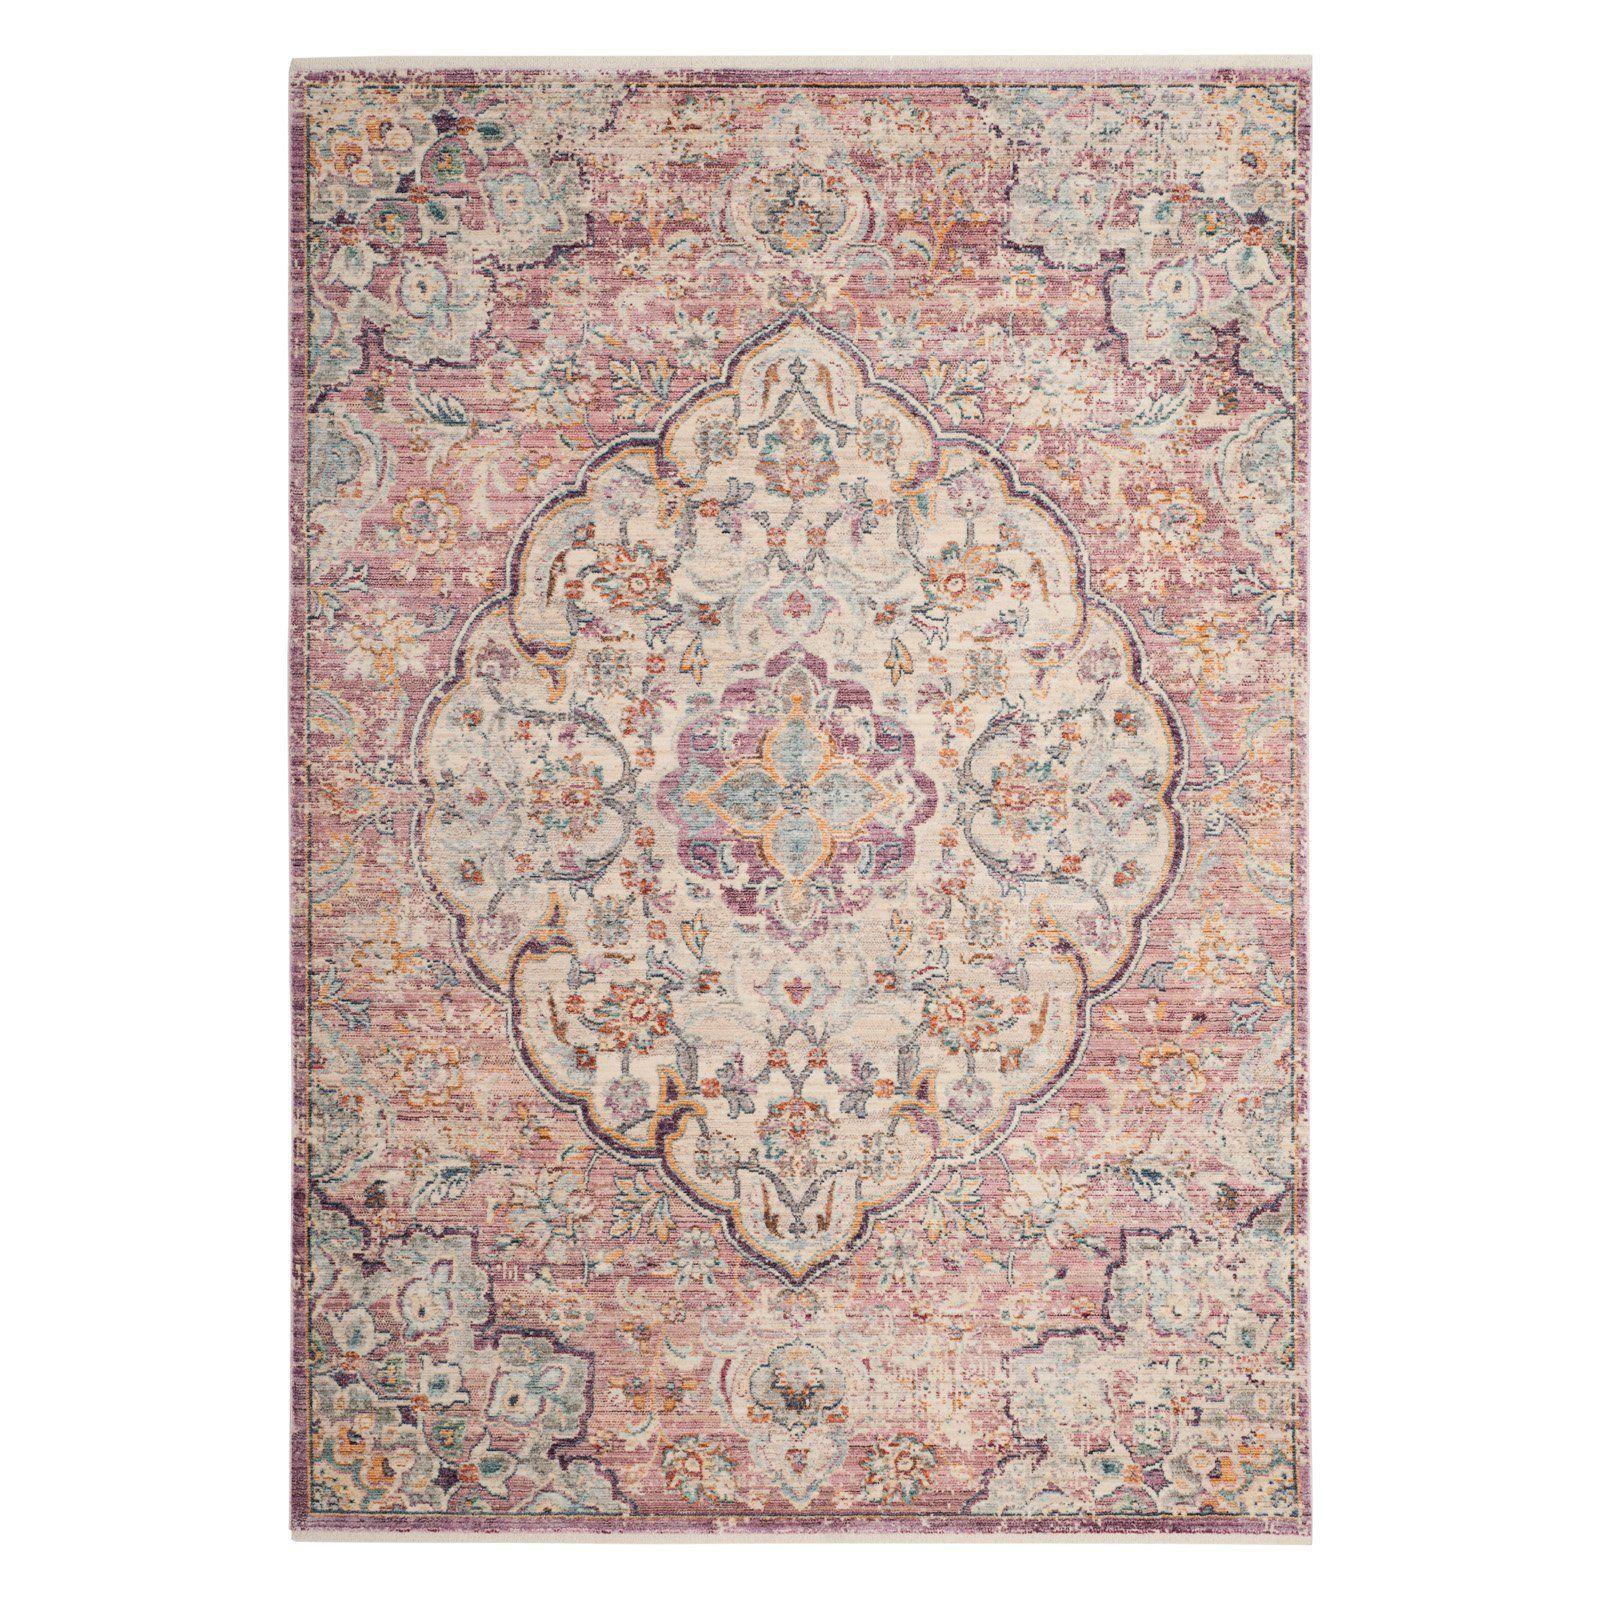 Best Safavieh Illusion Ill711 Indoor Area Rug Cream Rose 400 x 300